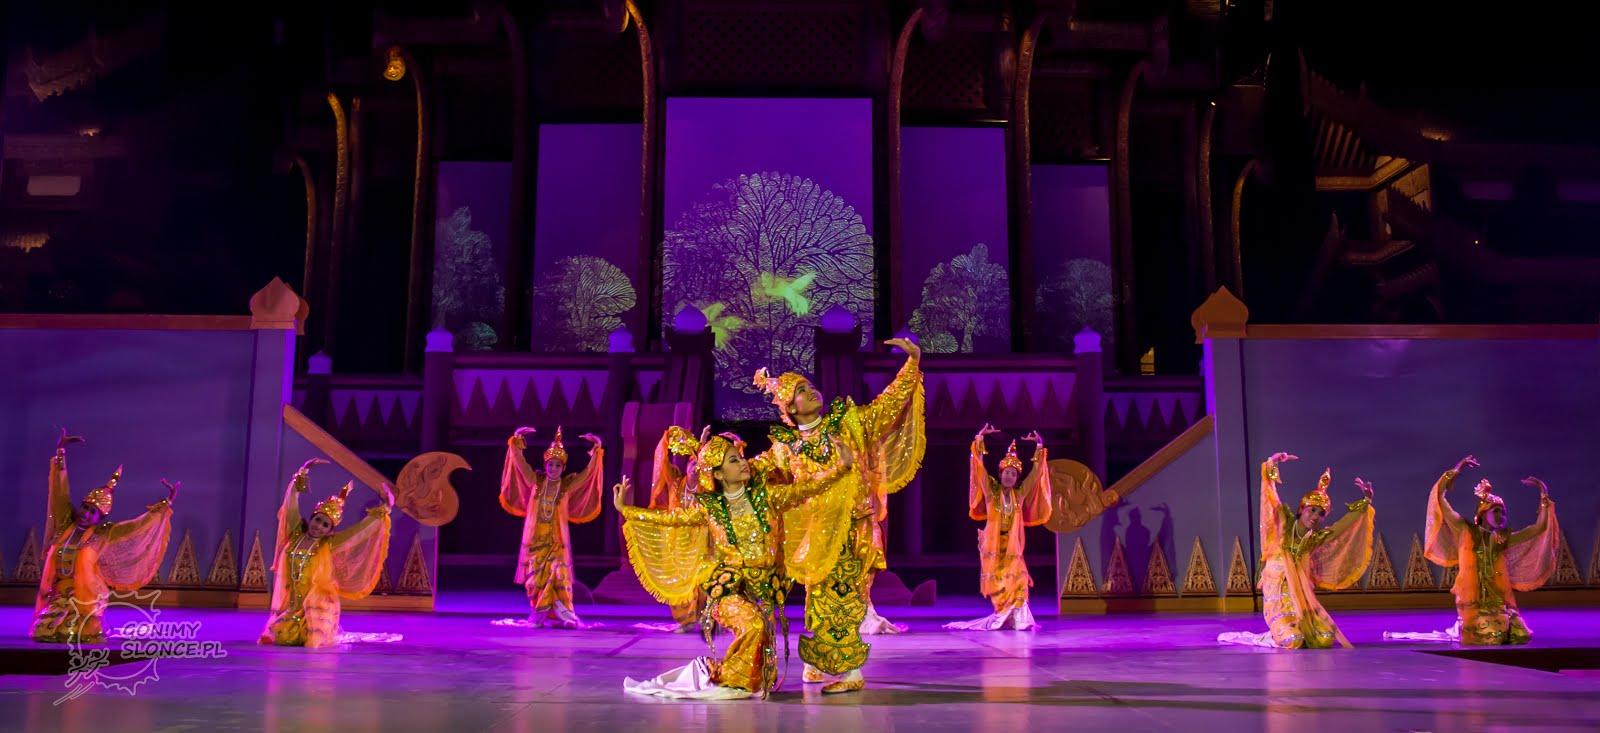 Birma, Spektakl z muzyką i kulturą całego kraju